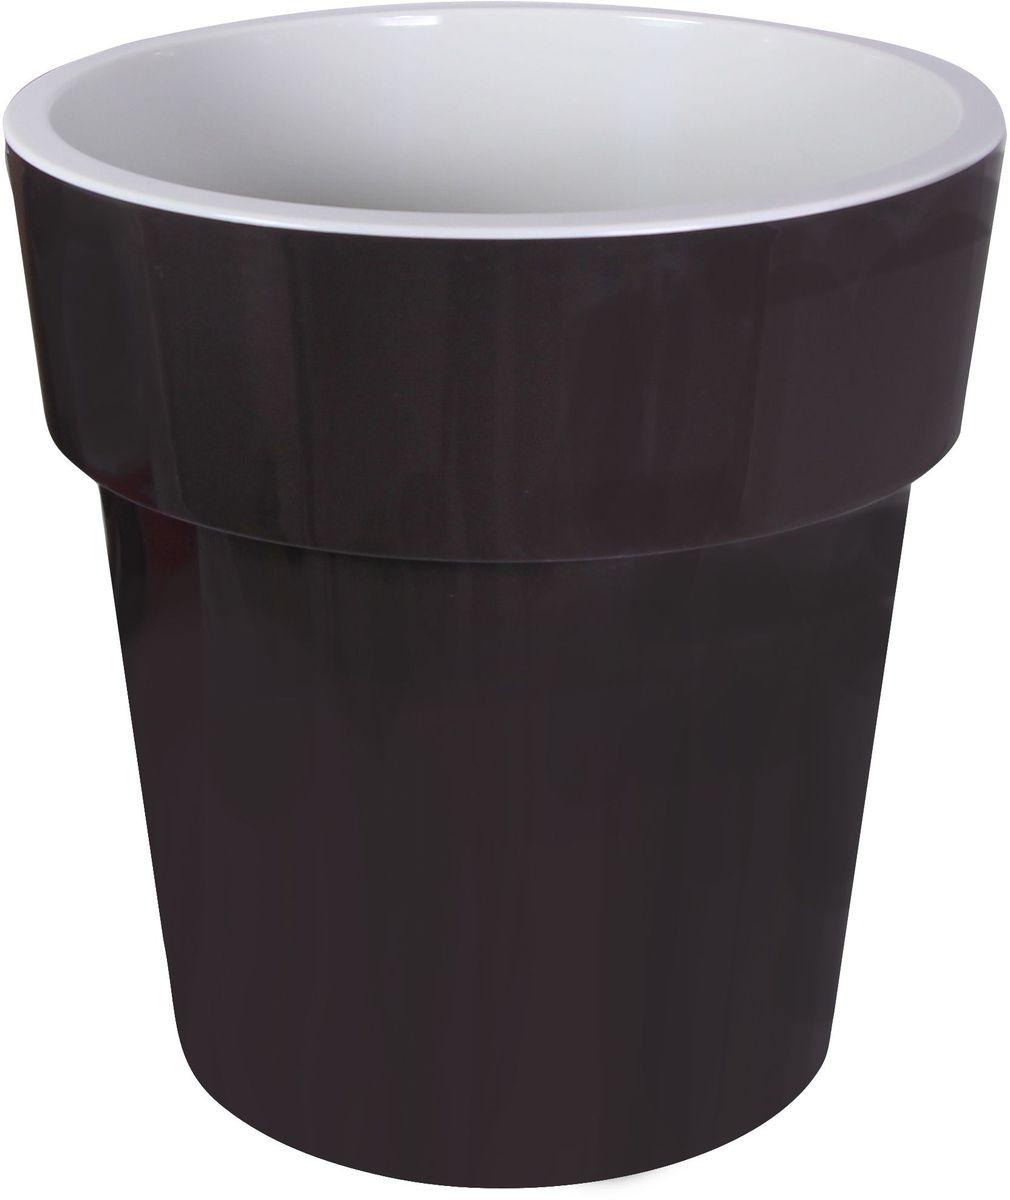 Кашпо Idea Тубус, цвет: коричневый, диаметр 25 смМ 3166